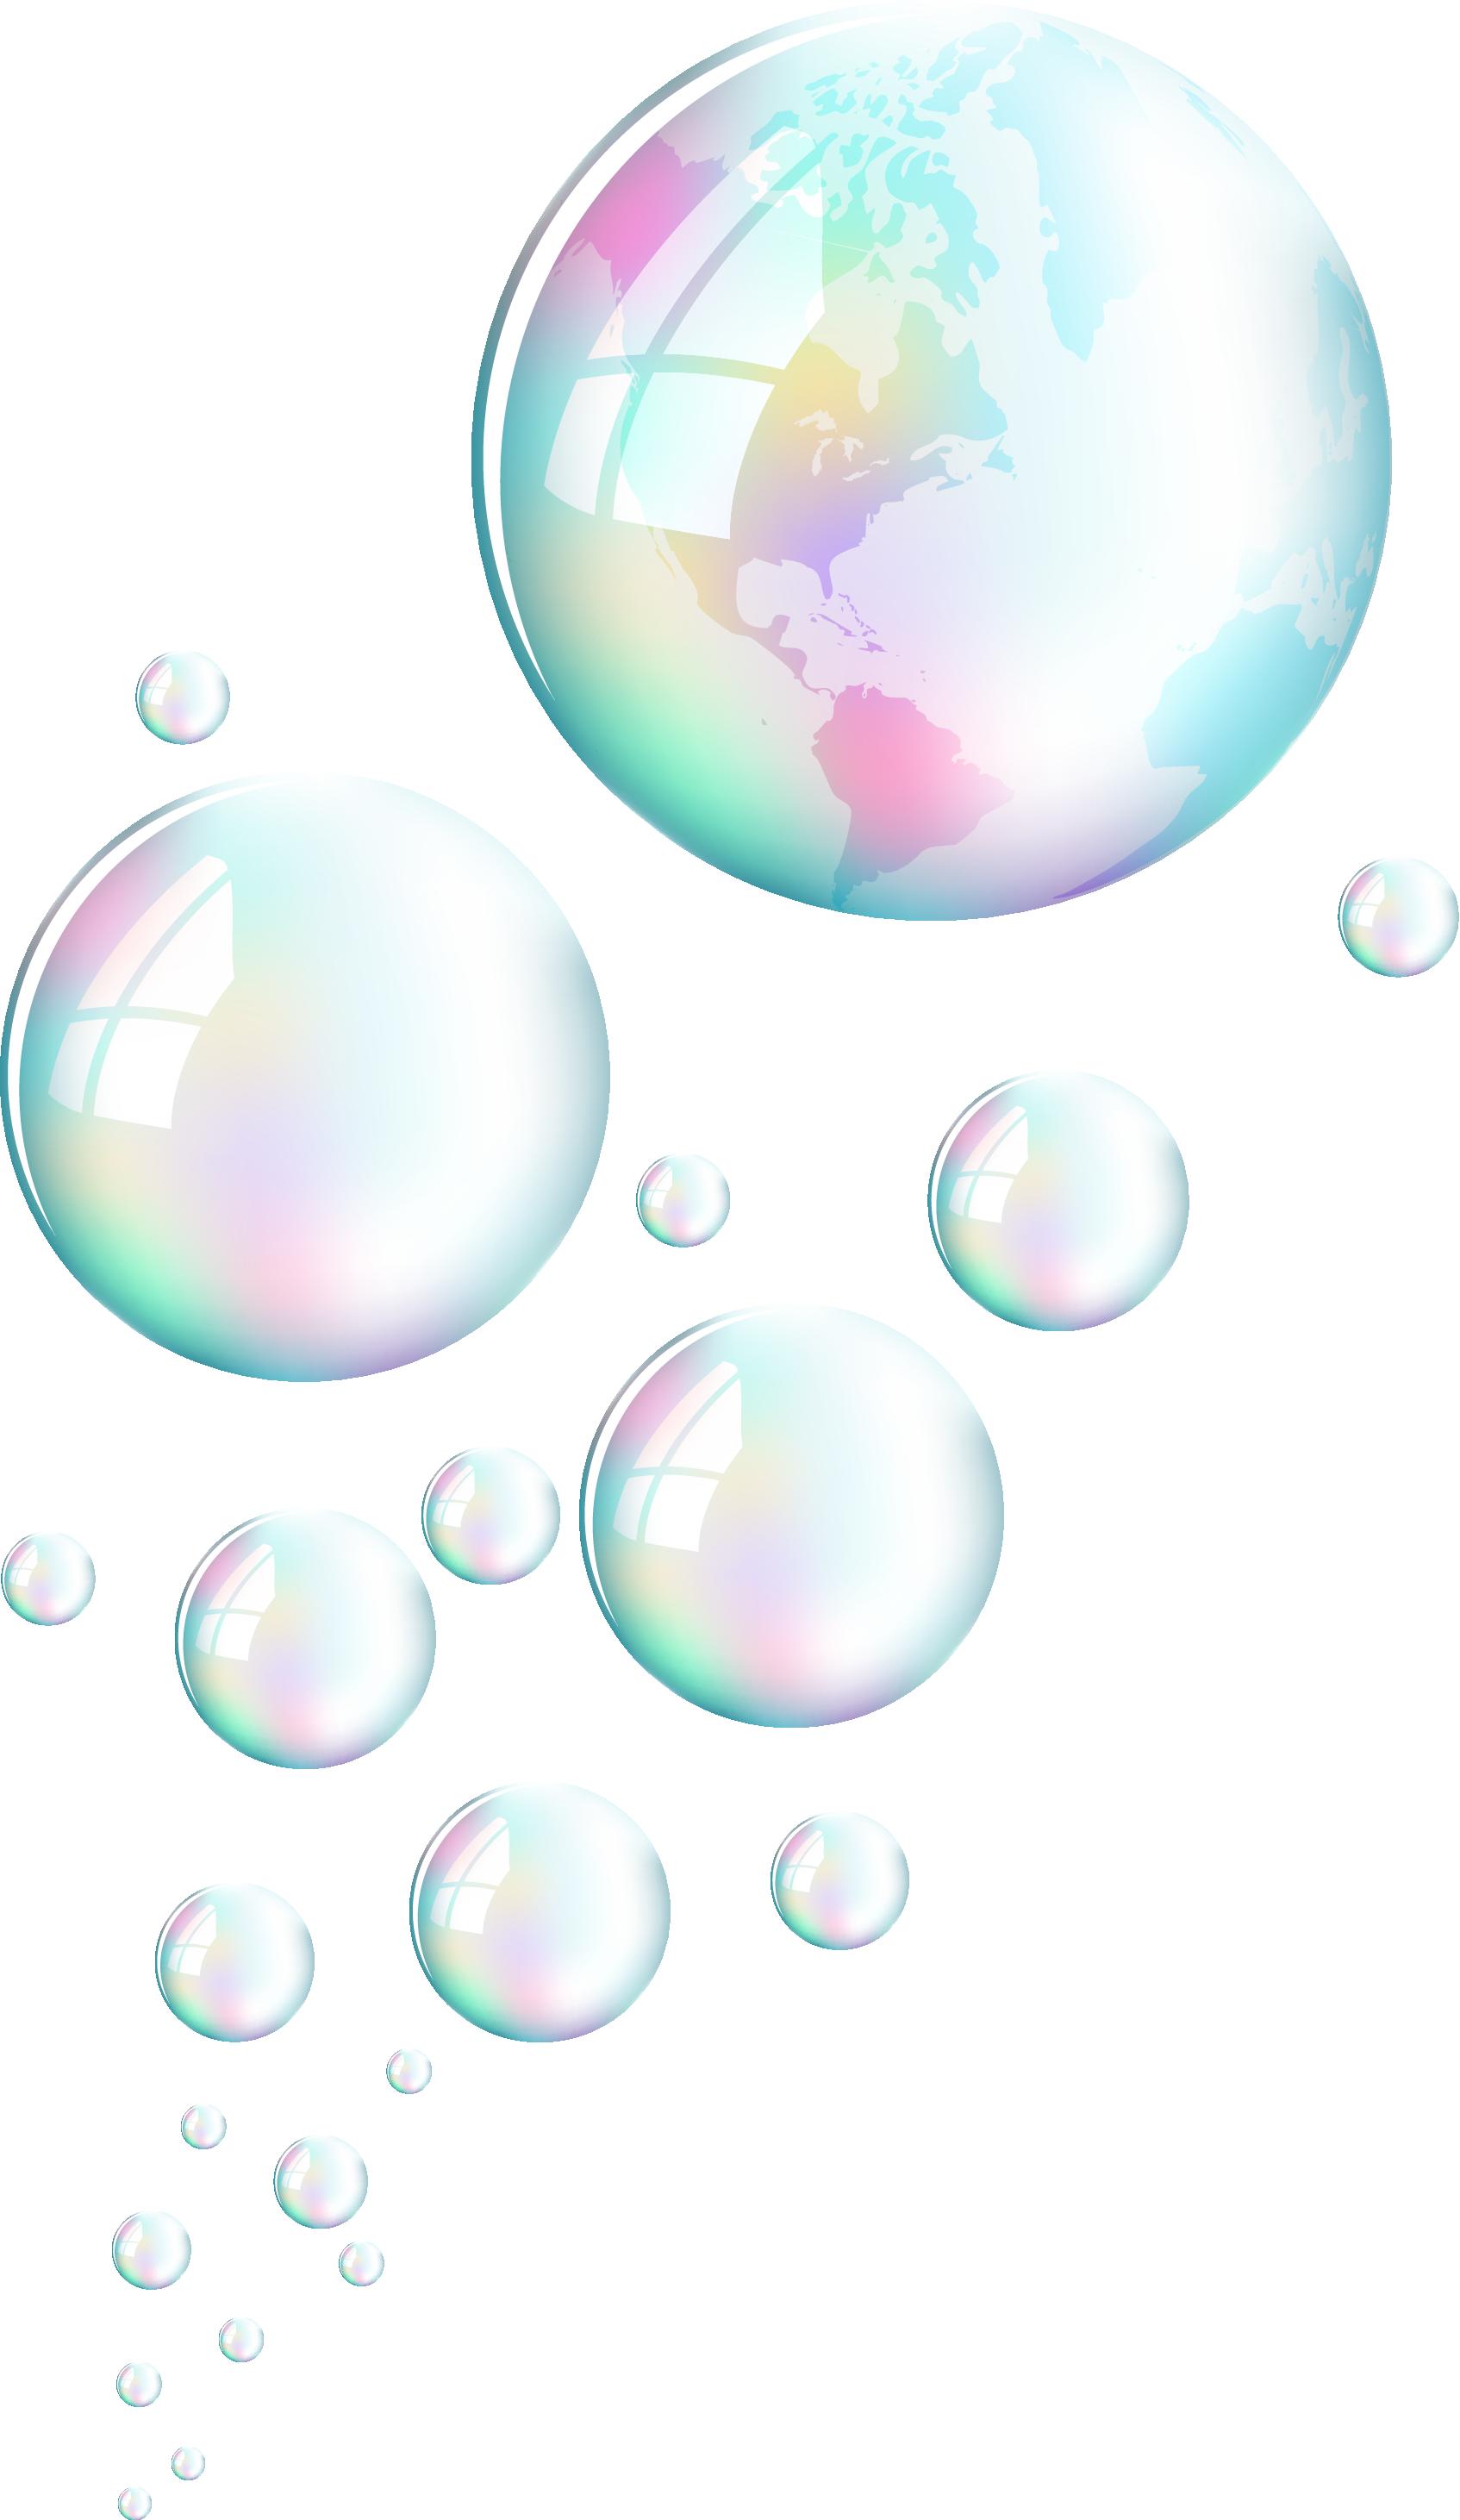 Hình ảnh bong bóng hình trái đất